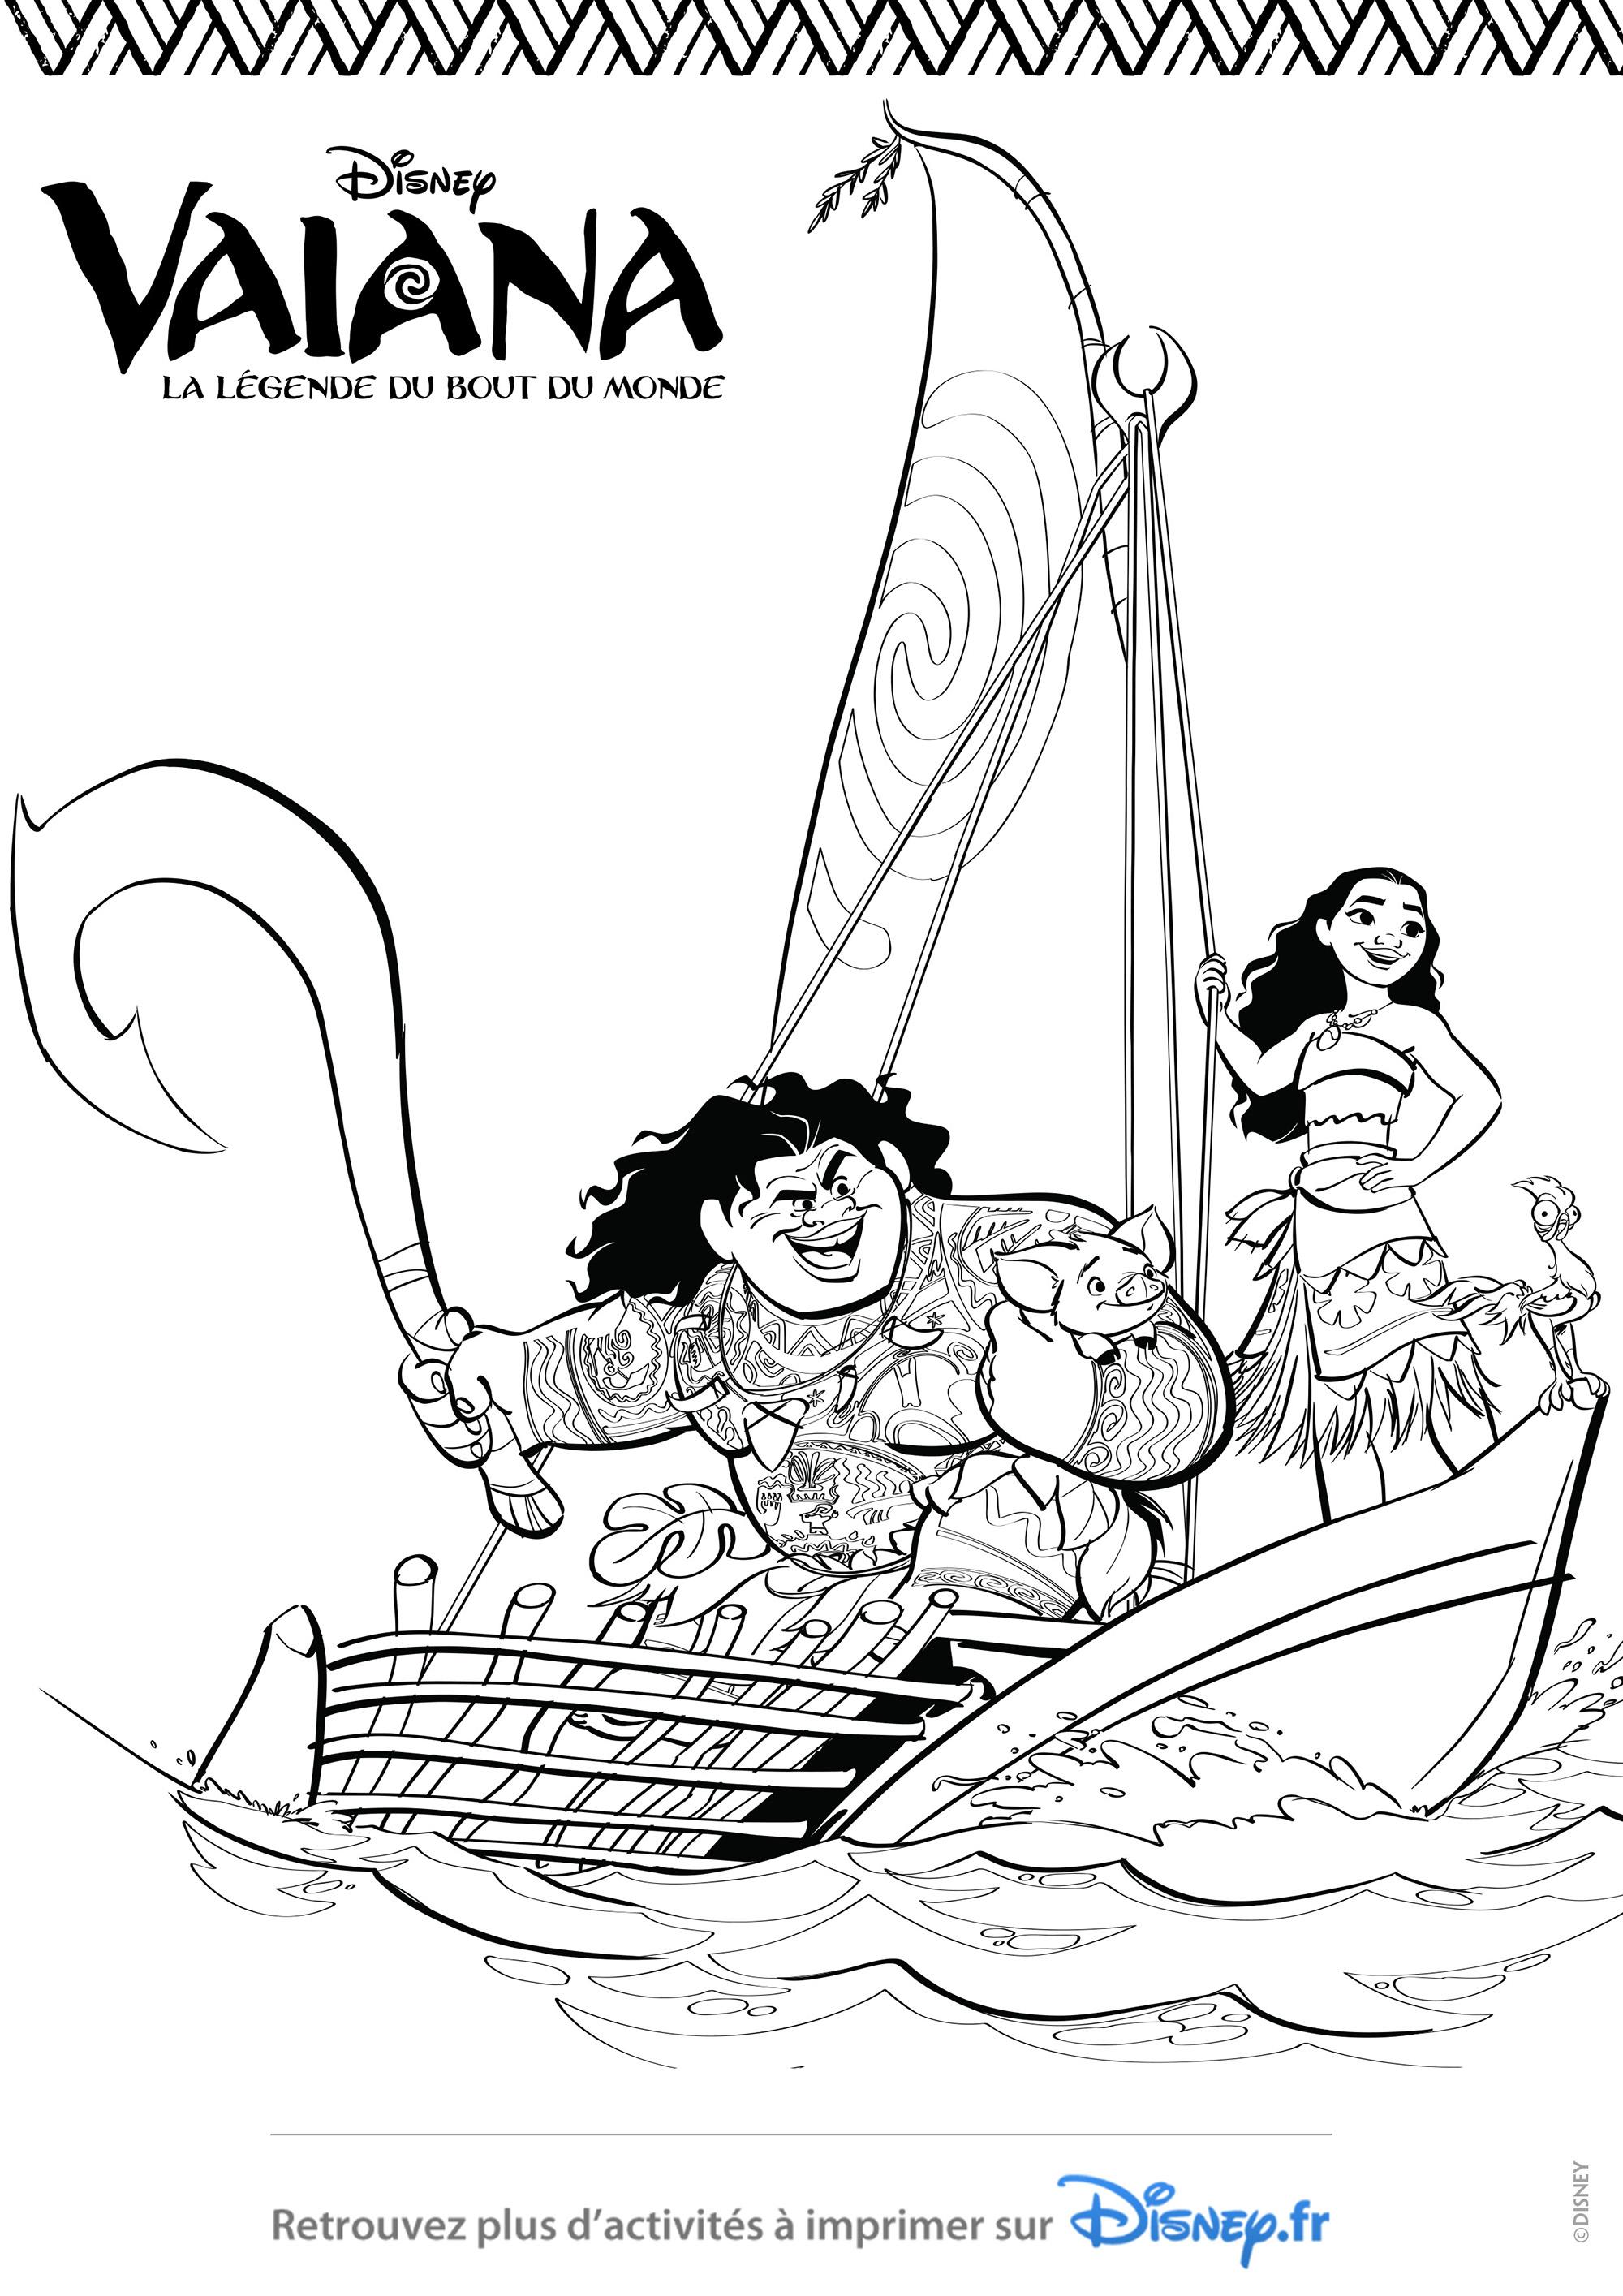 Vaiana et maui dans un bateau coloriage va ana la l gende du bout du monde coloriages pour - Coloriage de vaiana ...